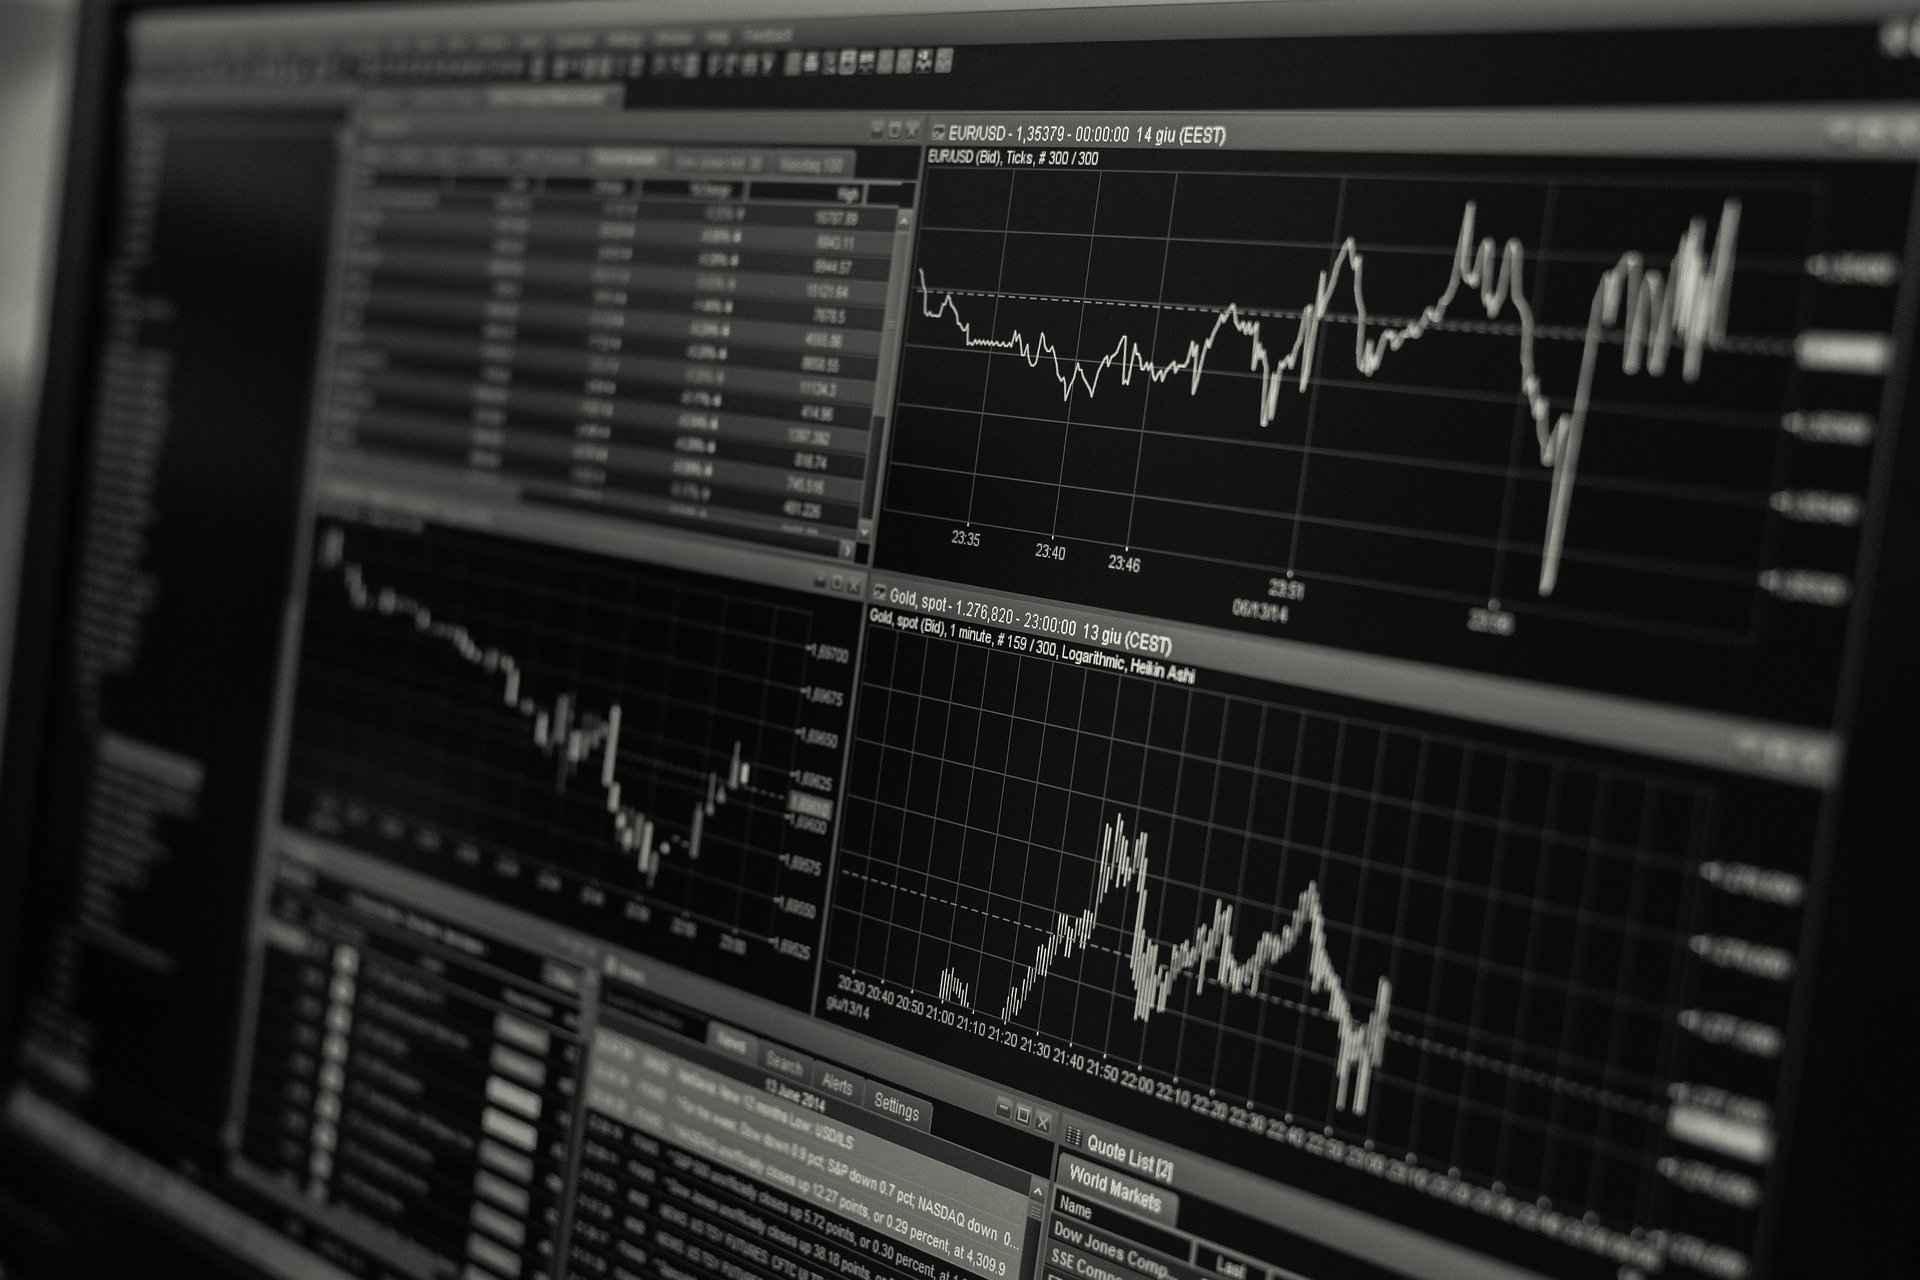 Le trading en ligne attire de plus en plus de français